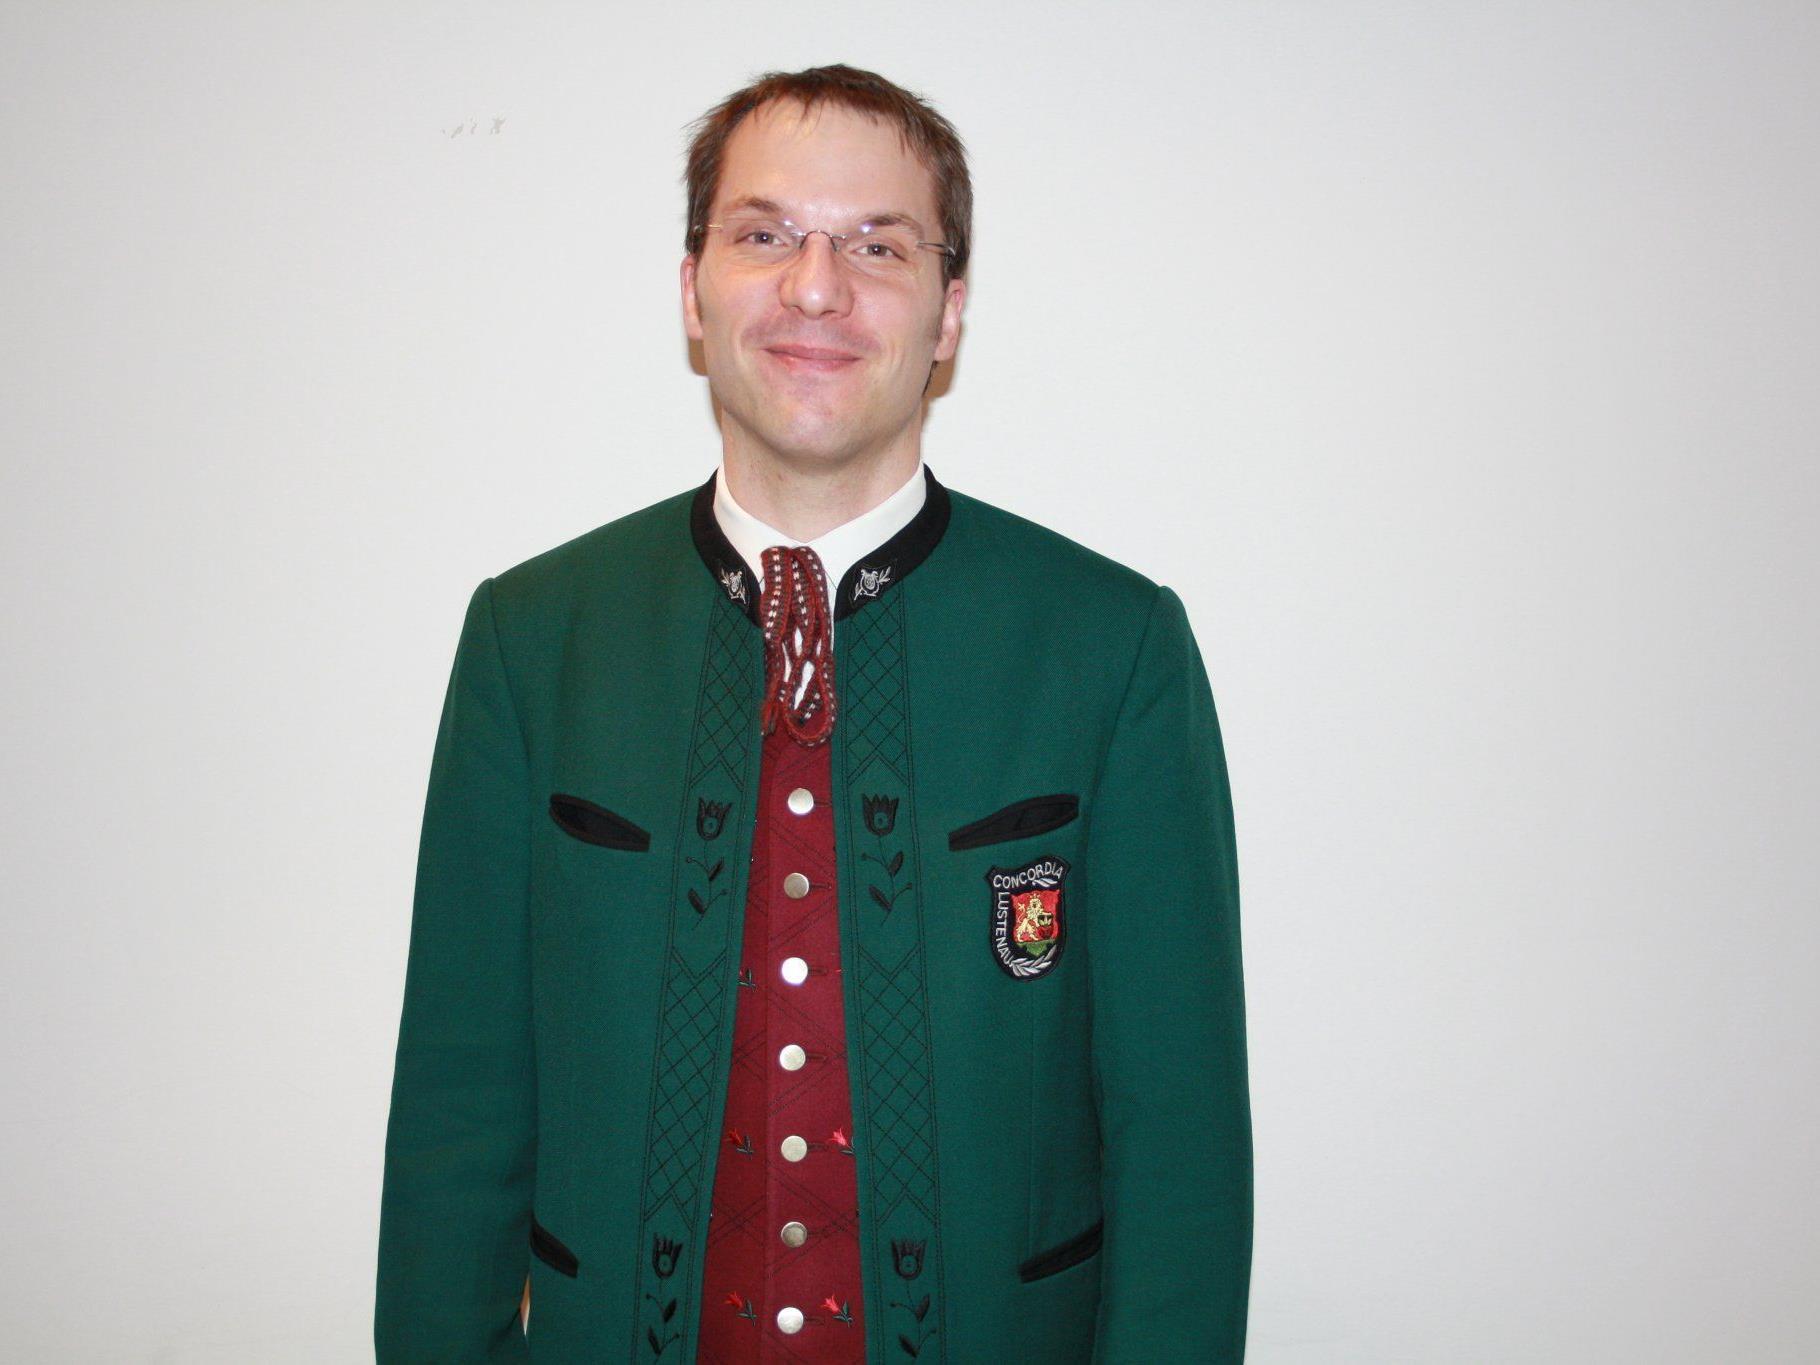 Oliver Huber ist der neue Obmann des Musikverein Concordia Lustenau.